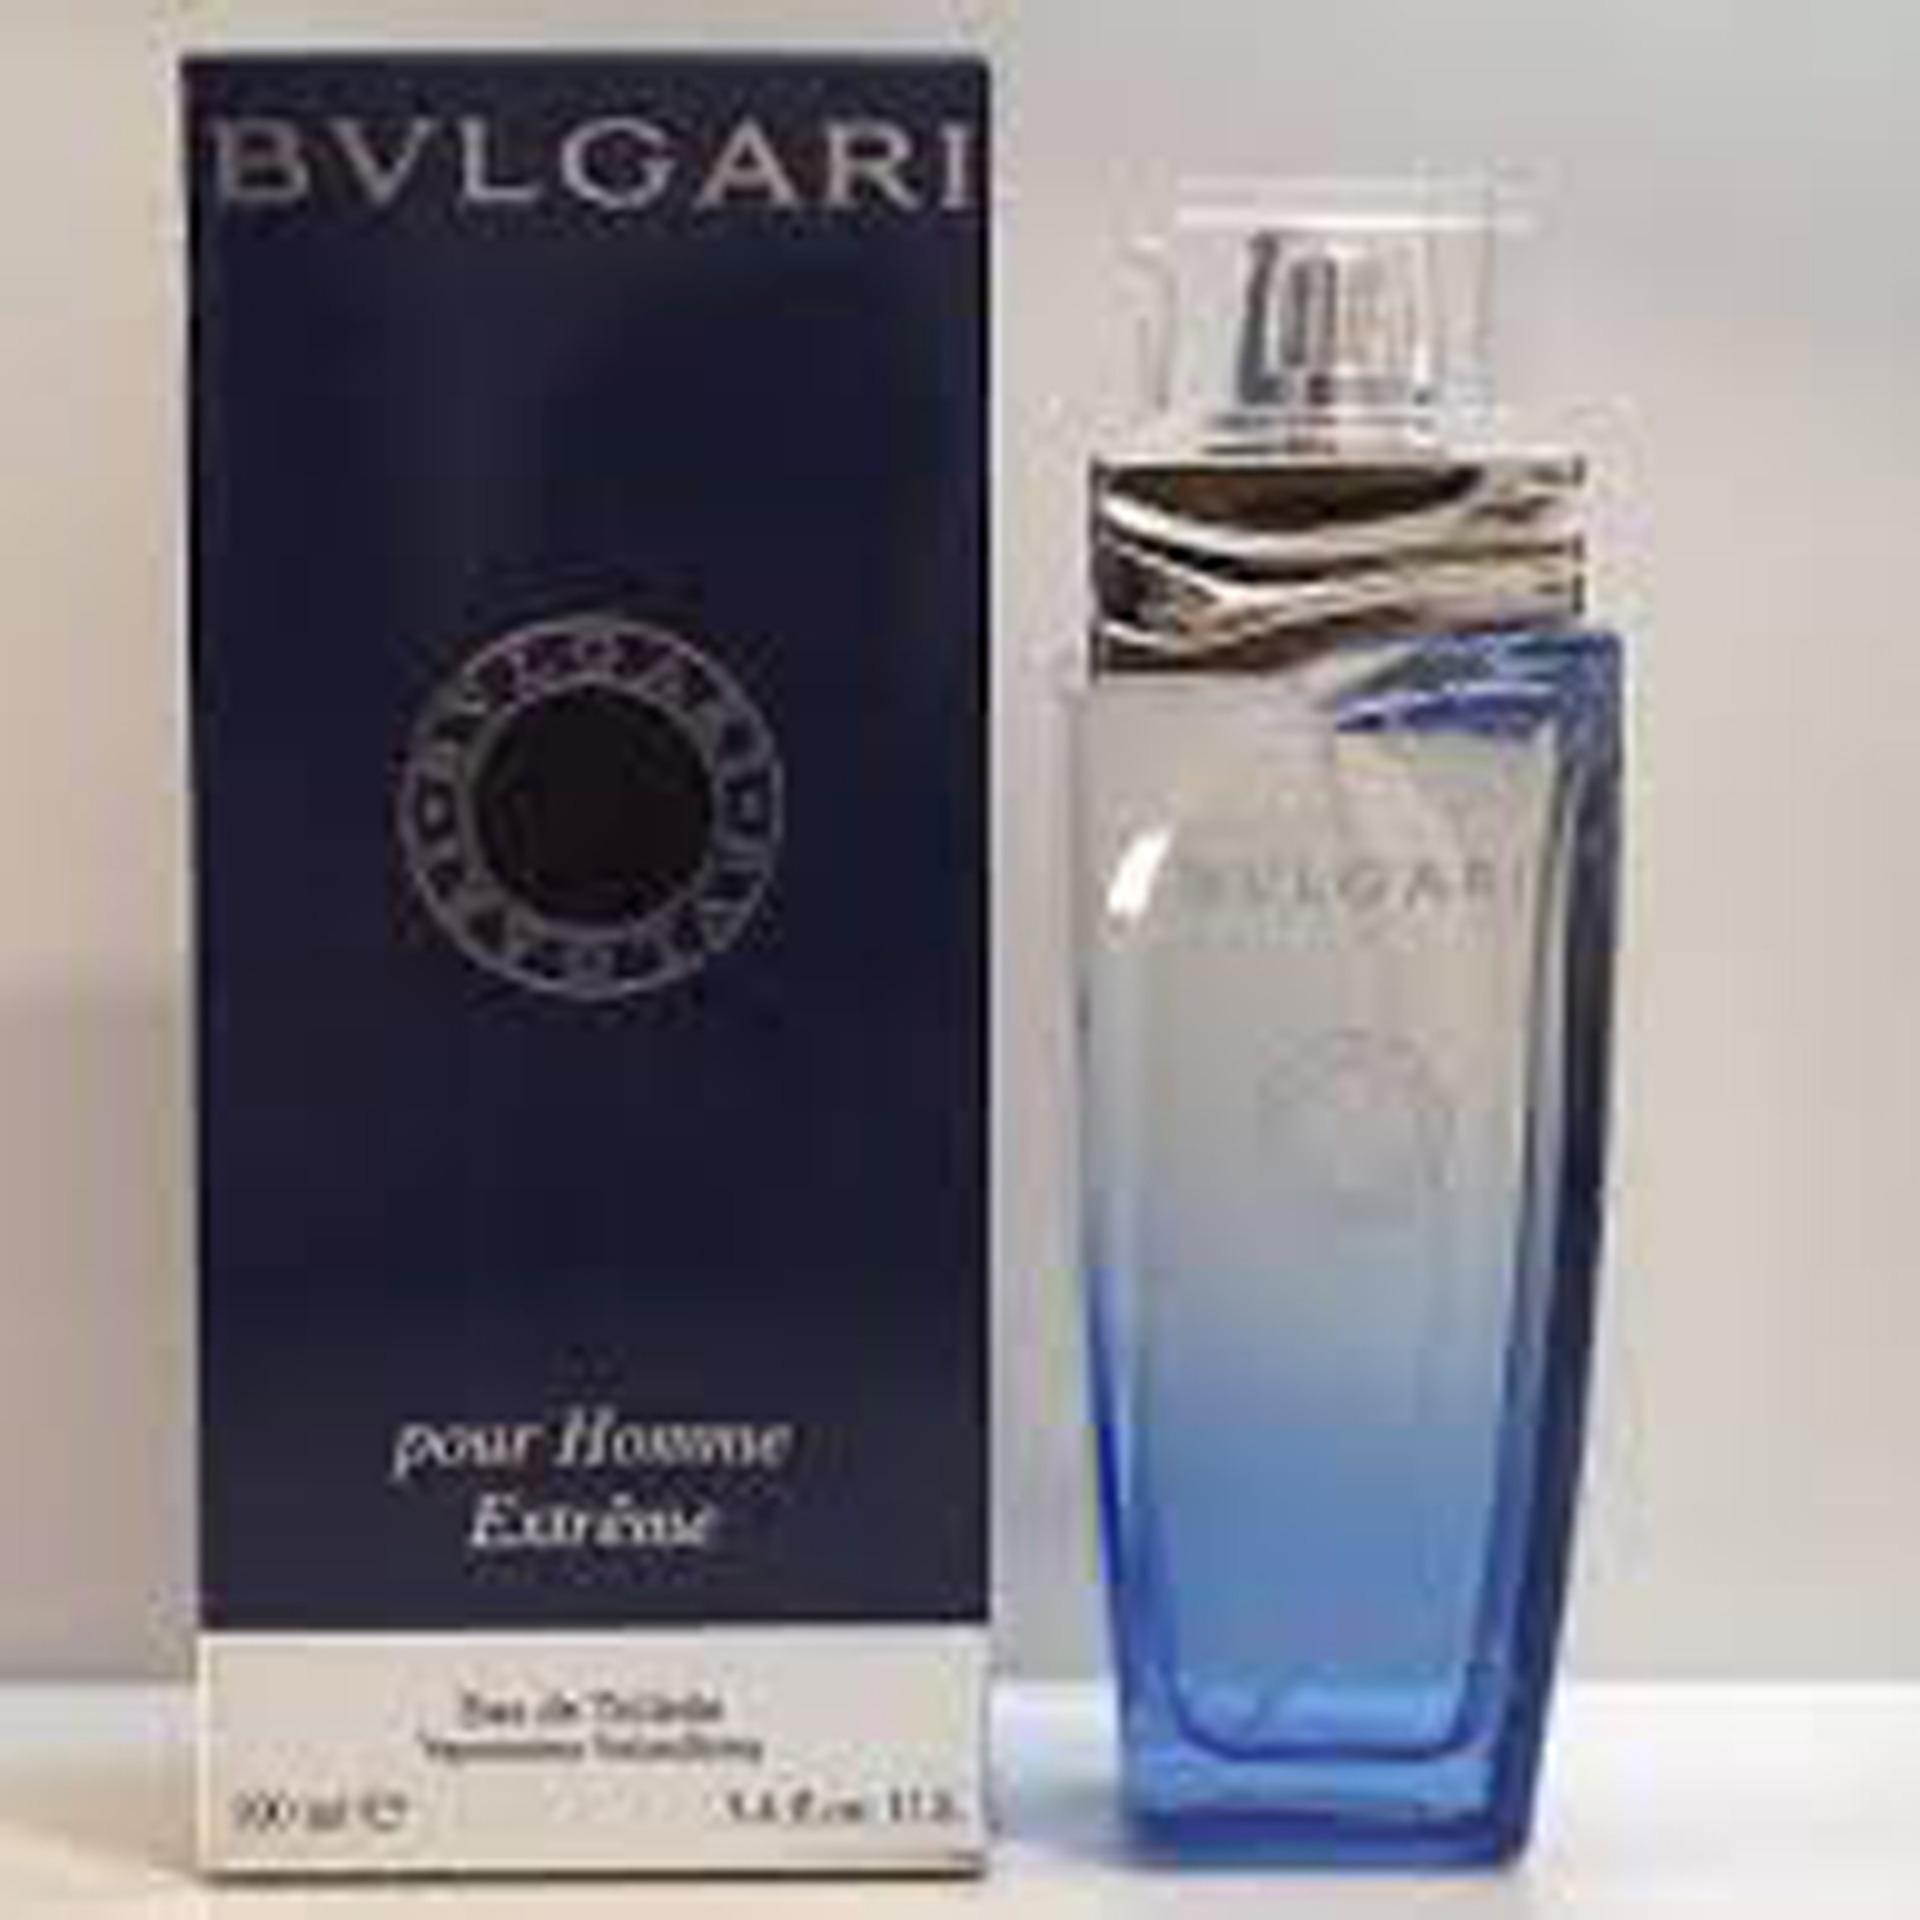 Harga Parfum Terbaru Pria Blg 55 Pour Homme Extreme For Men Paling Murah